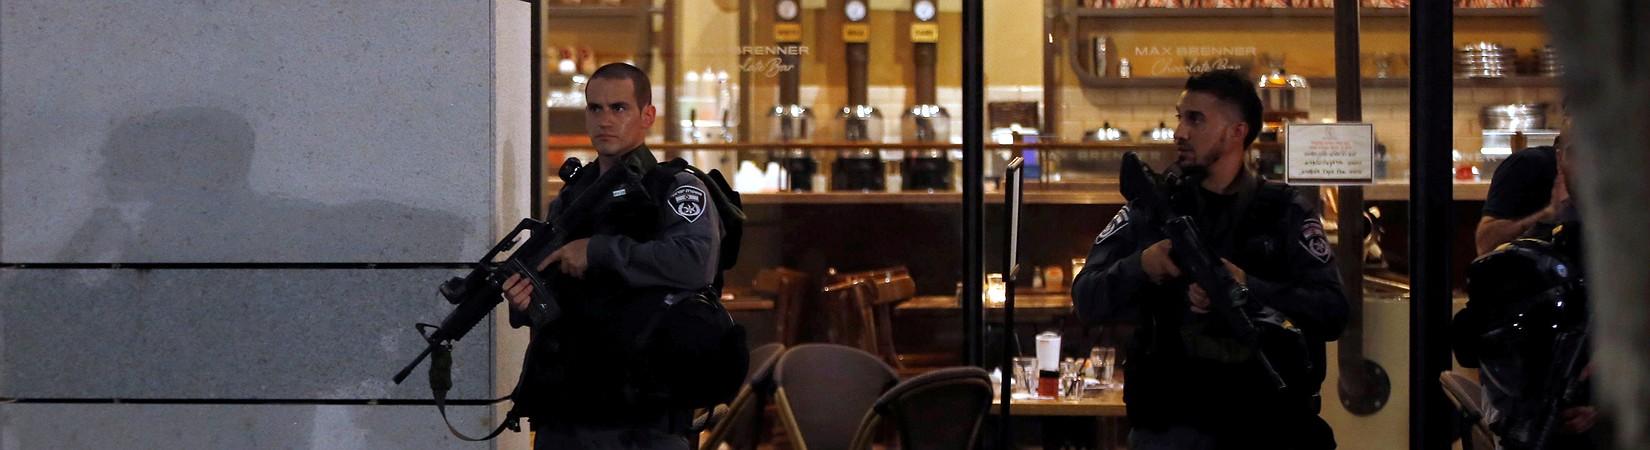 Atentado terrorista en Tel Aviv con 4 muertos